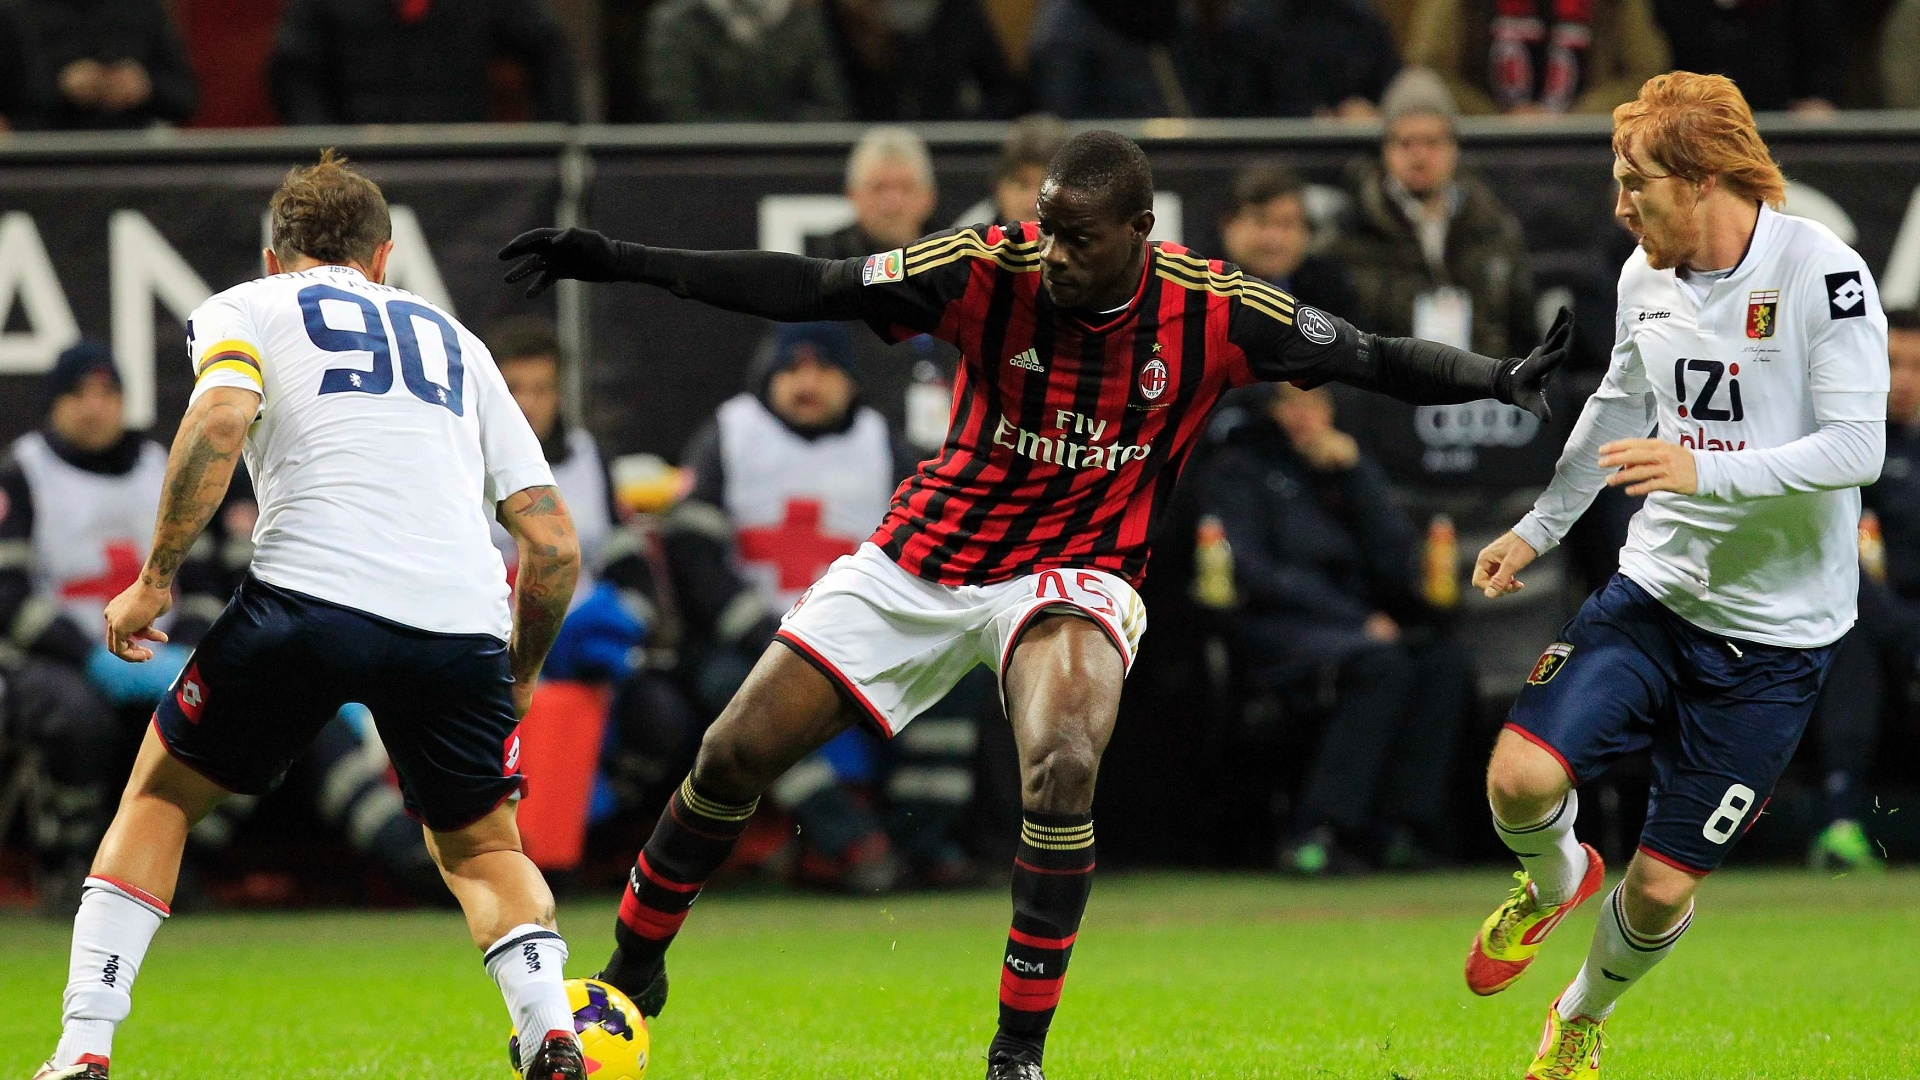 23.nov.2013 - Mario Balotelli tenta escapar da marcação de dois jogadores do Genoa